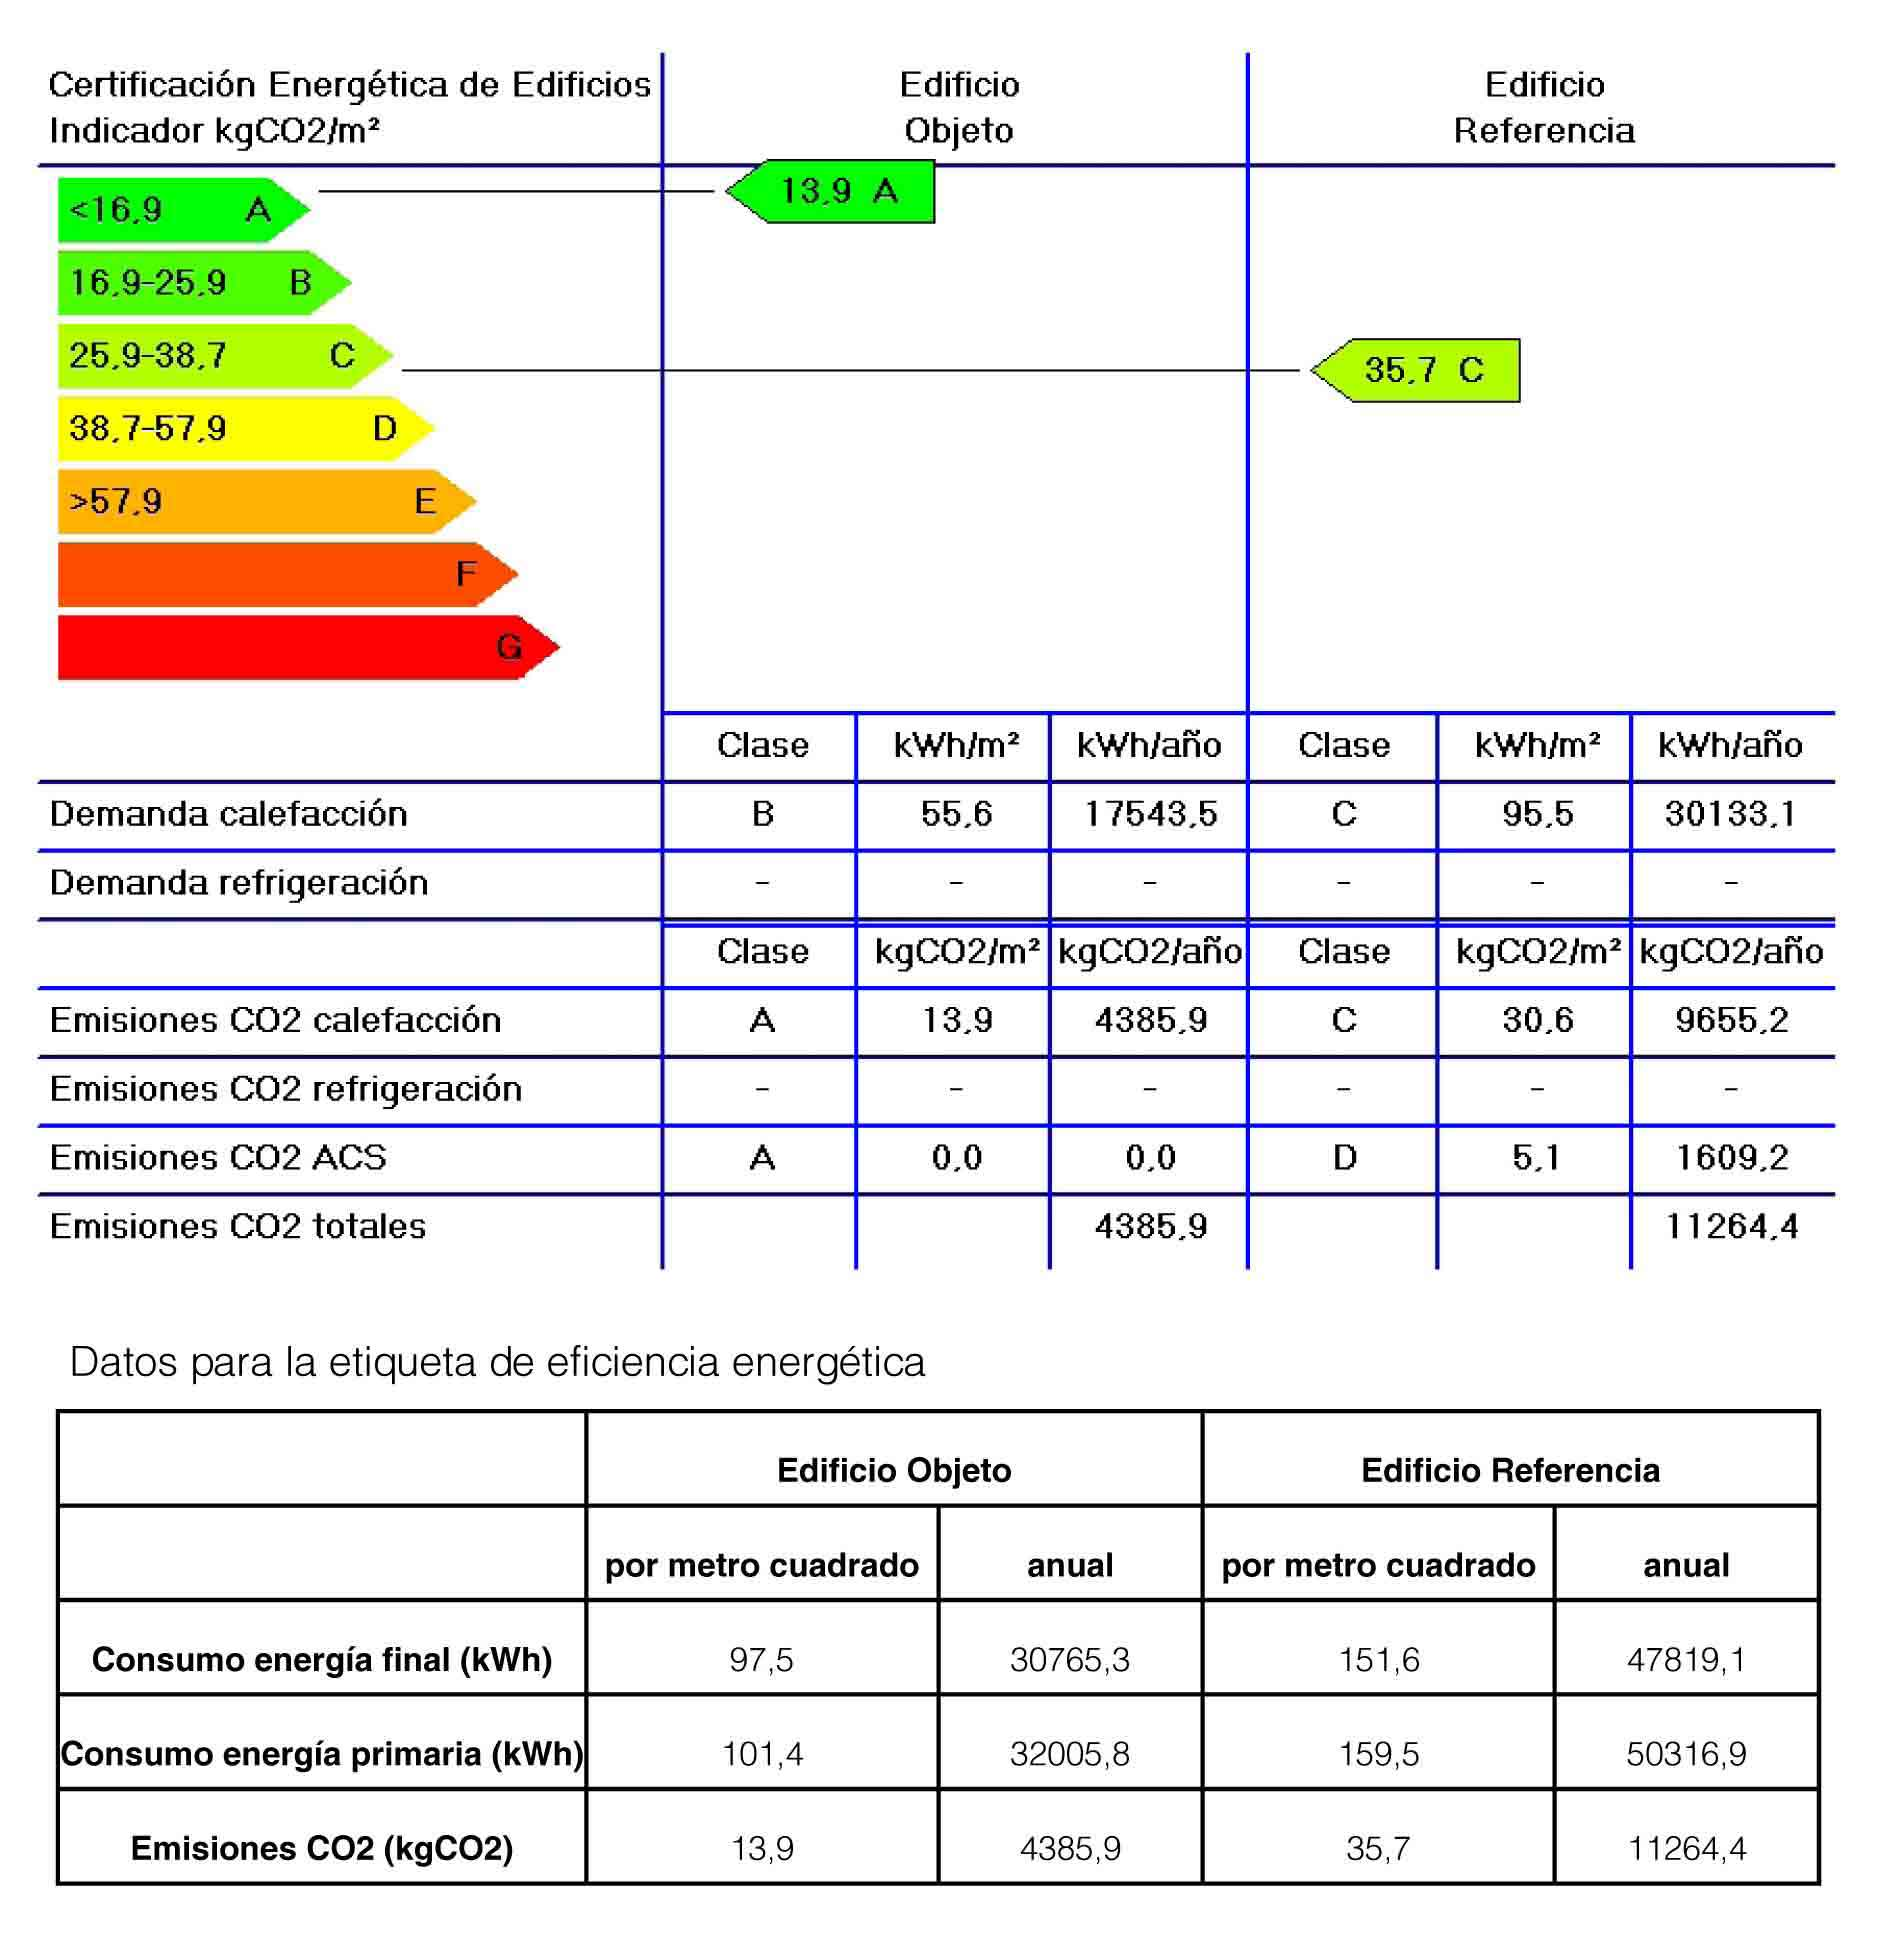 FALCO-CERTIFICACIO.jpg